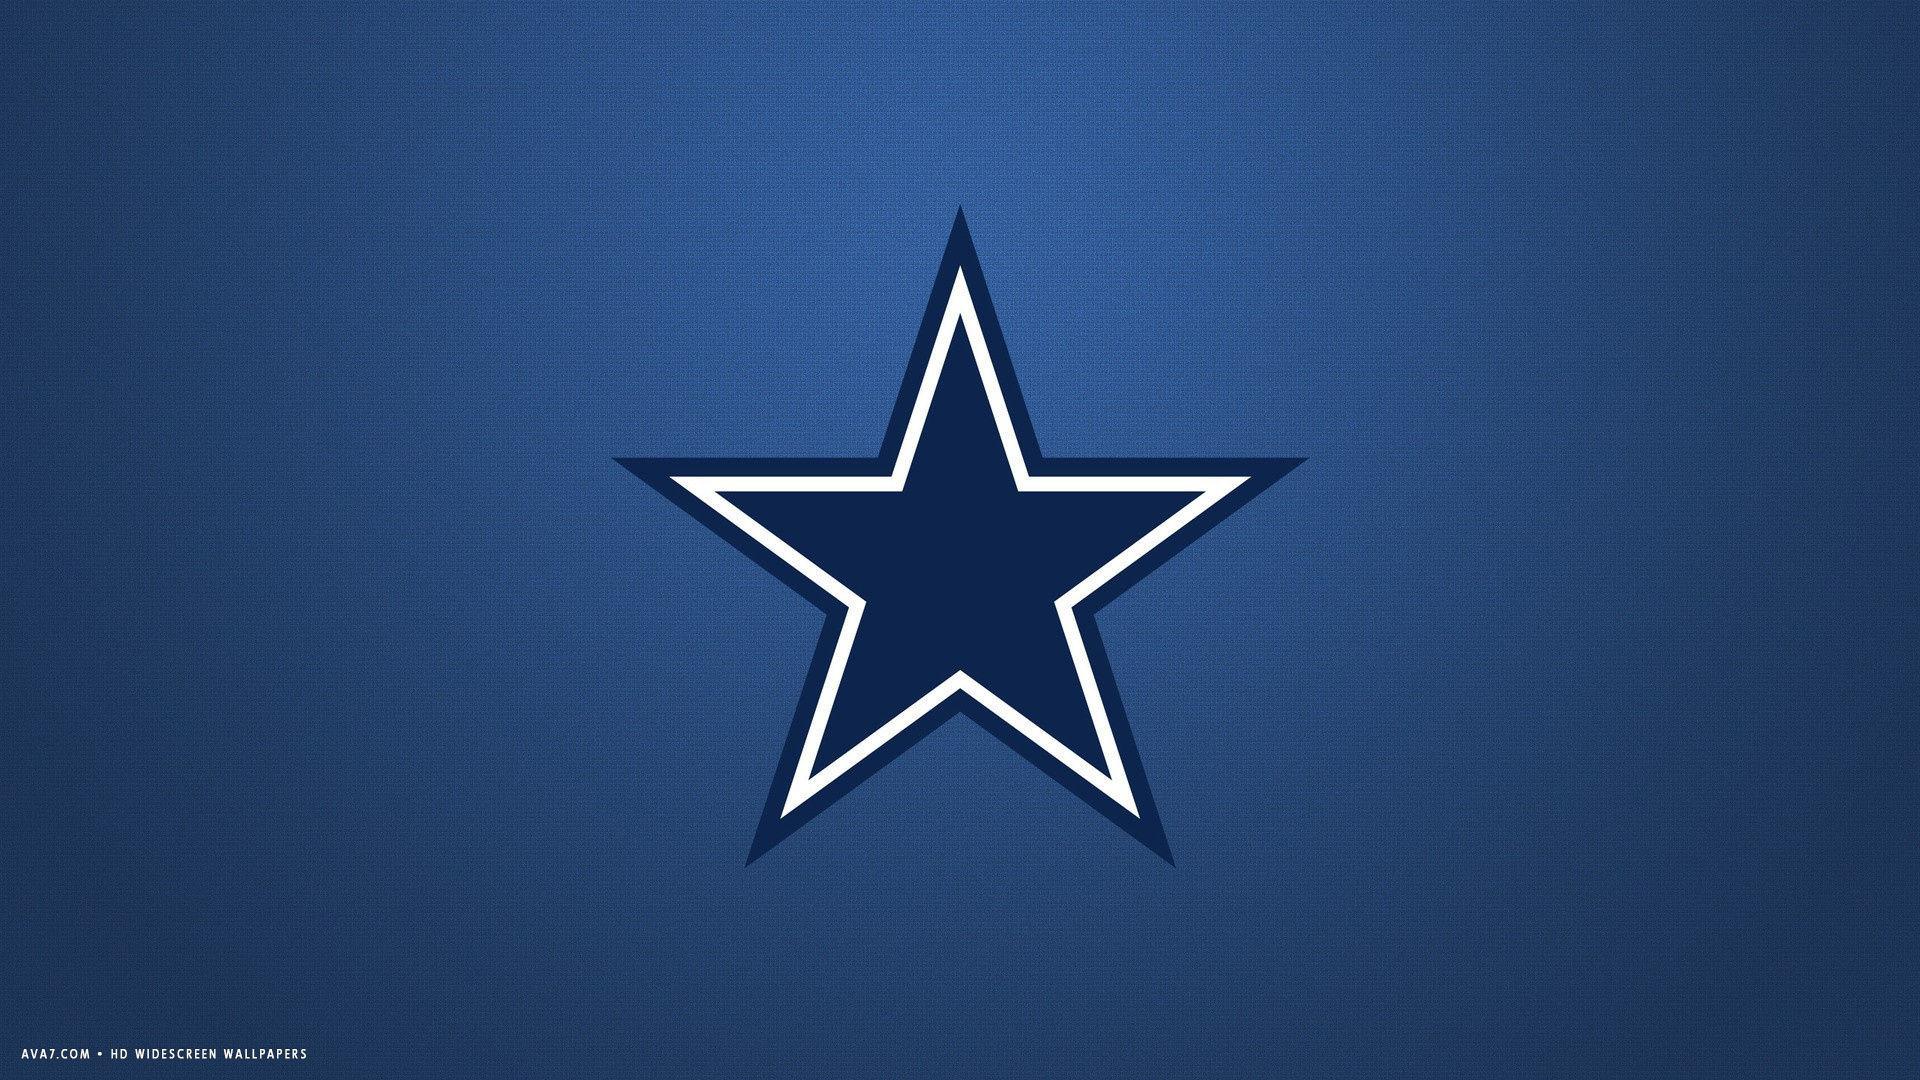 dallas cowboys nfl football team hd widescreen wallpaper